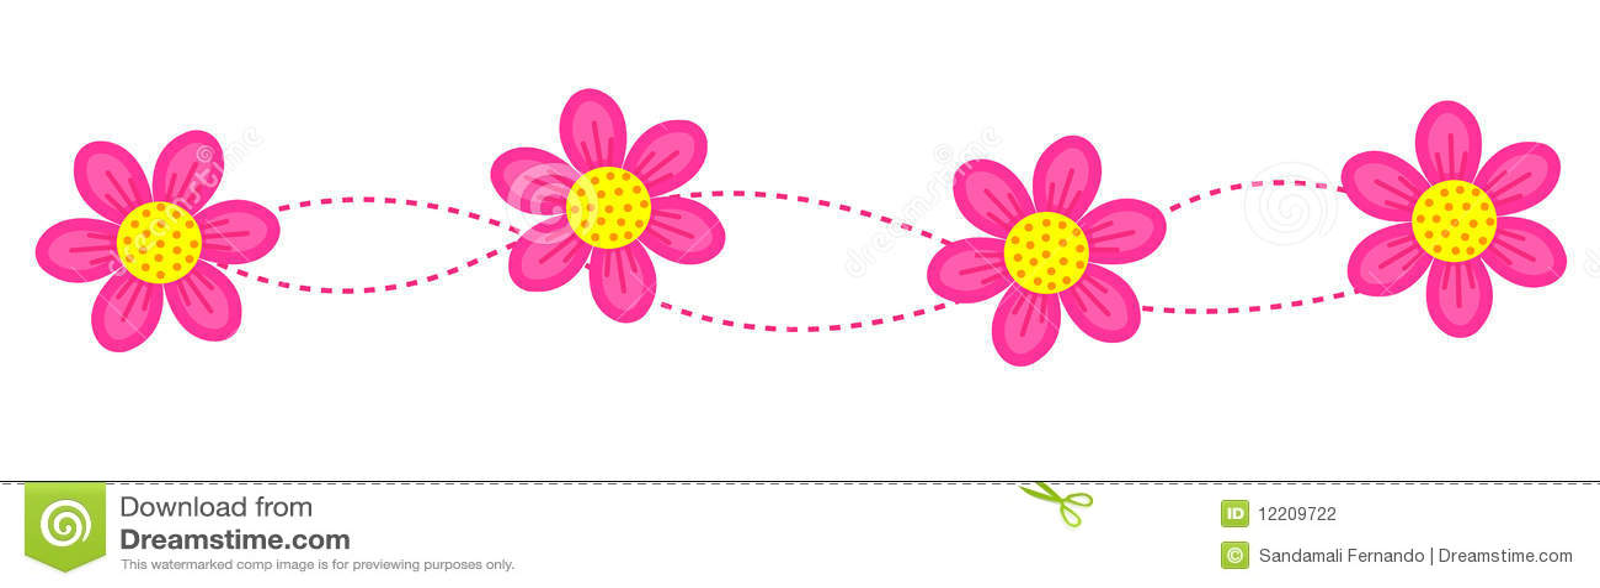 Flower Frame Line Drawing : Floral border frame divider stock vector